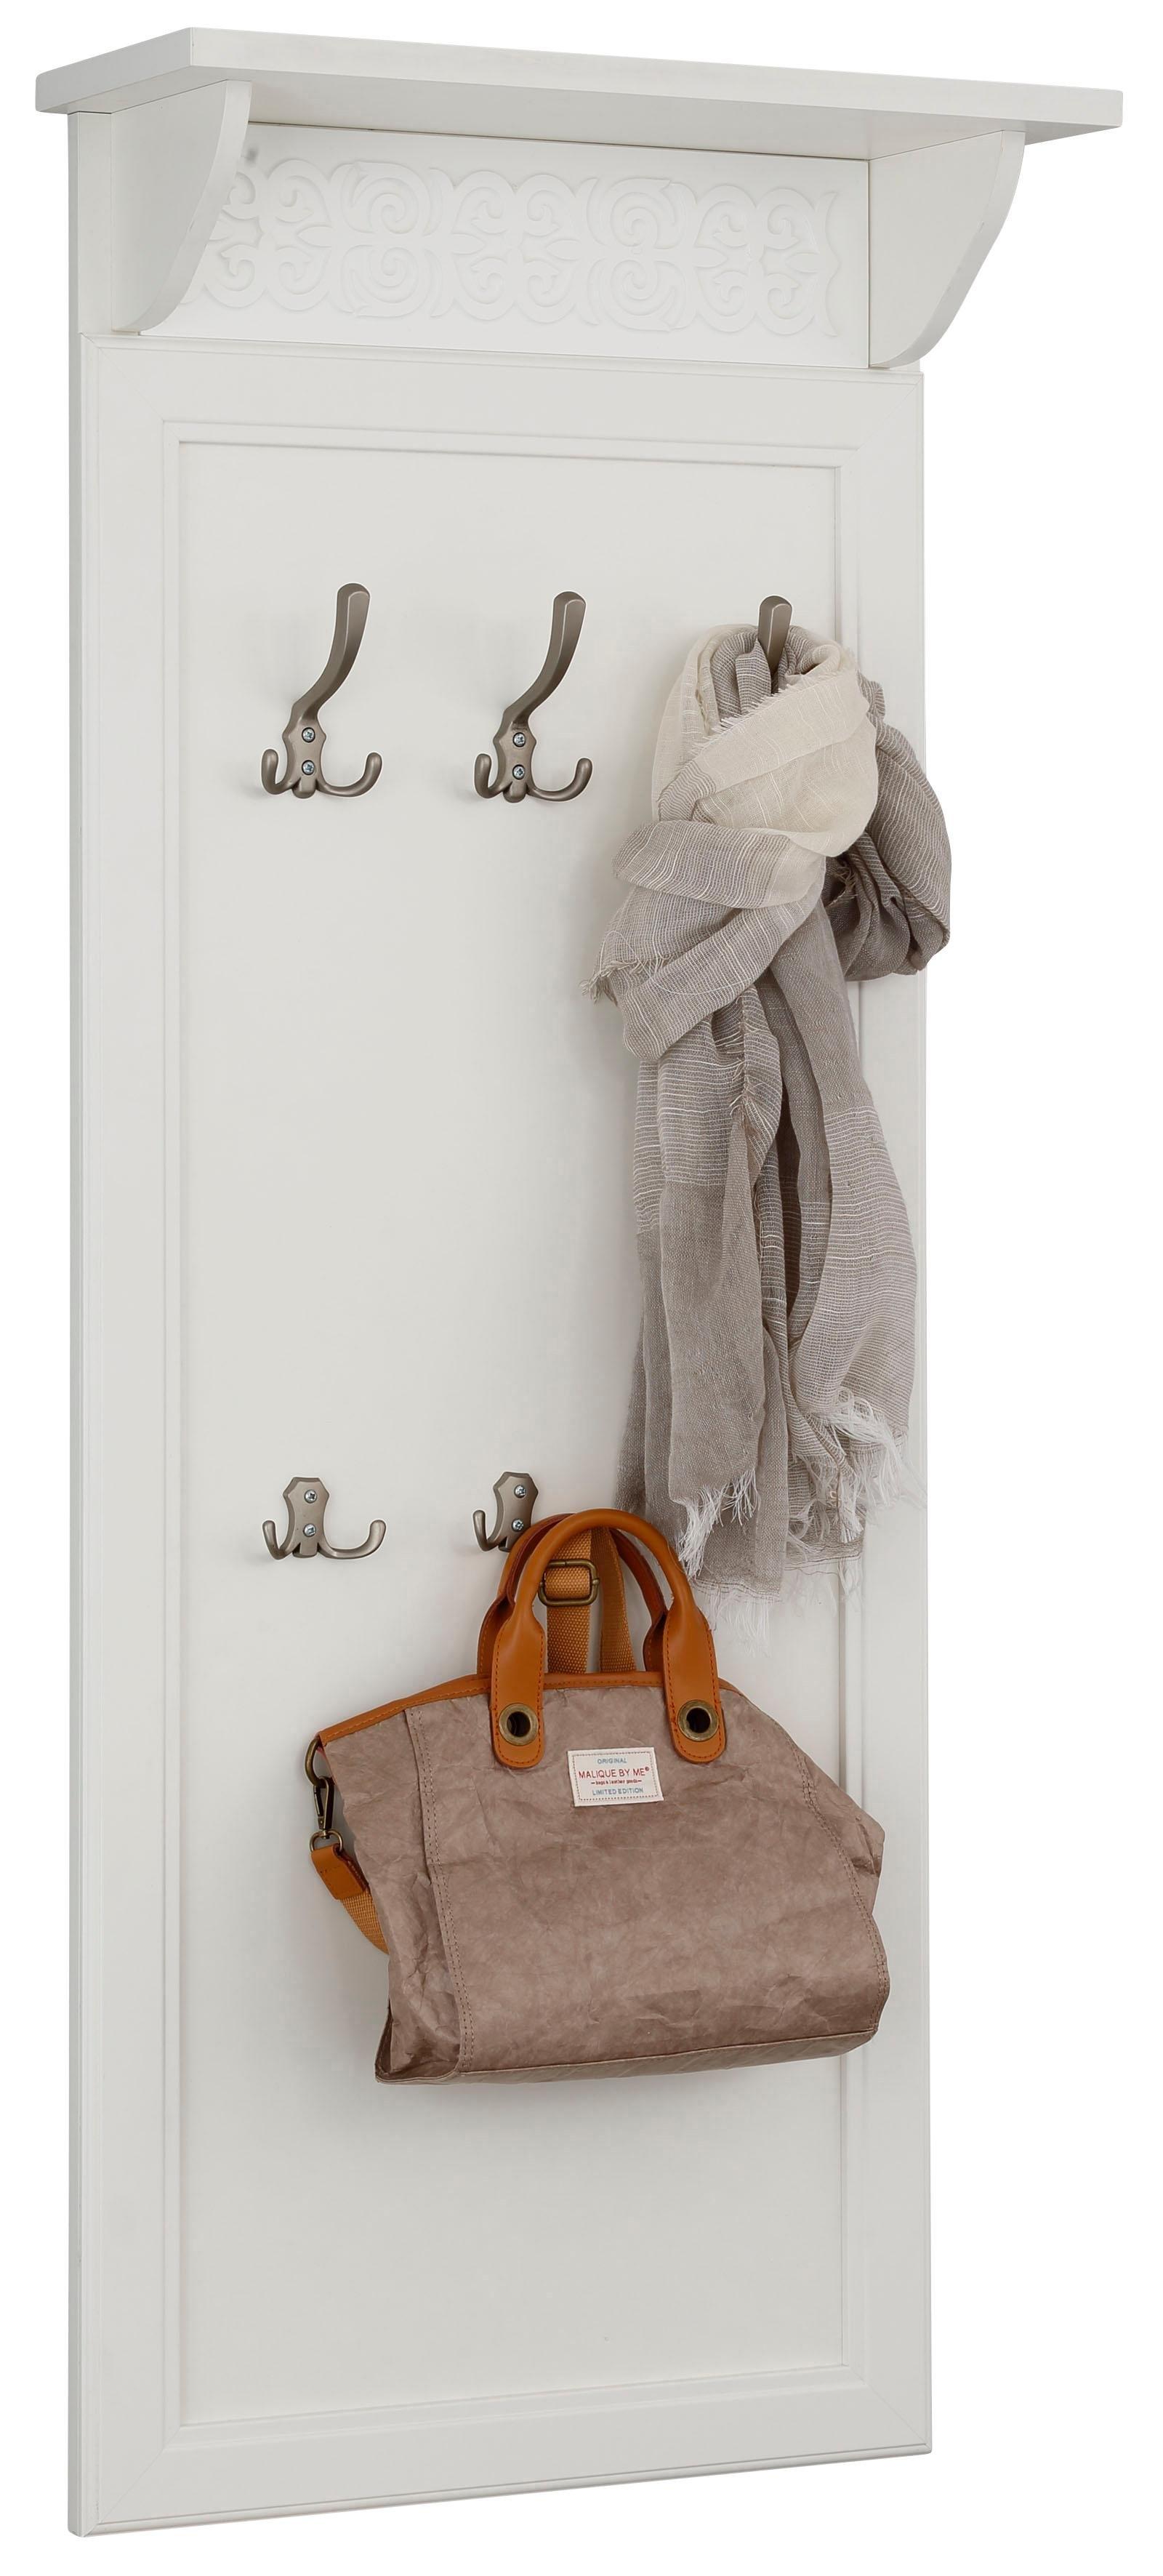 Home affaire kapstok »Lucy« met decoratieve ornamenten gegarneerd nu online bestellen